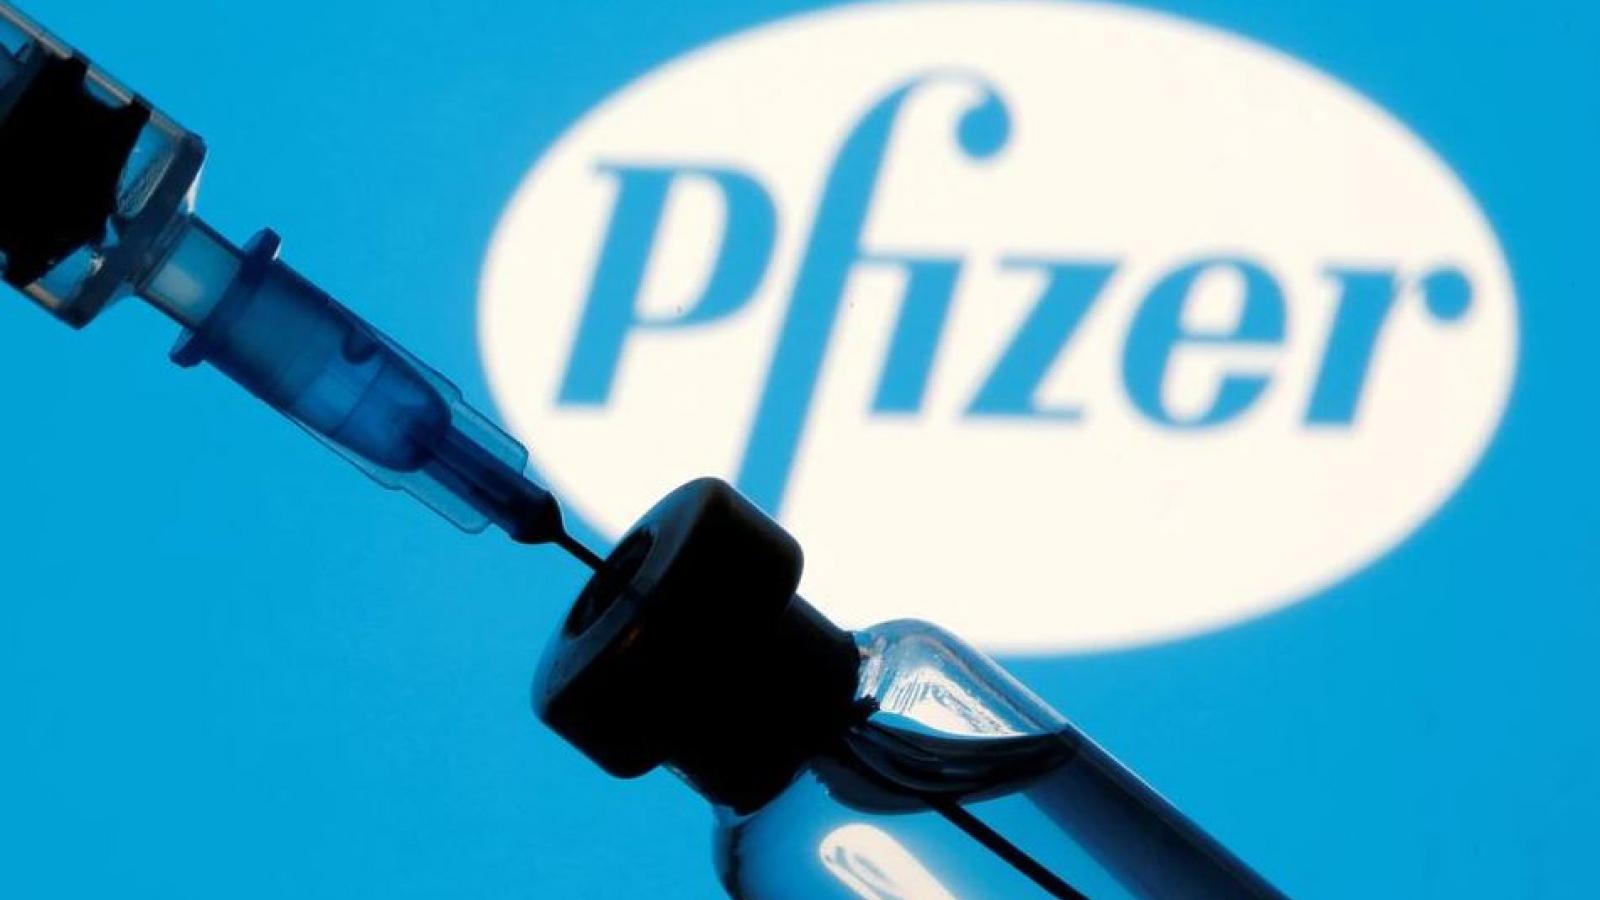 Pfizer tiêm vaccine Covid-19 cho toàn bộ thị trấn ở Brazil để đánh giá hiệu quả